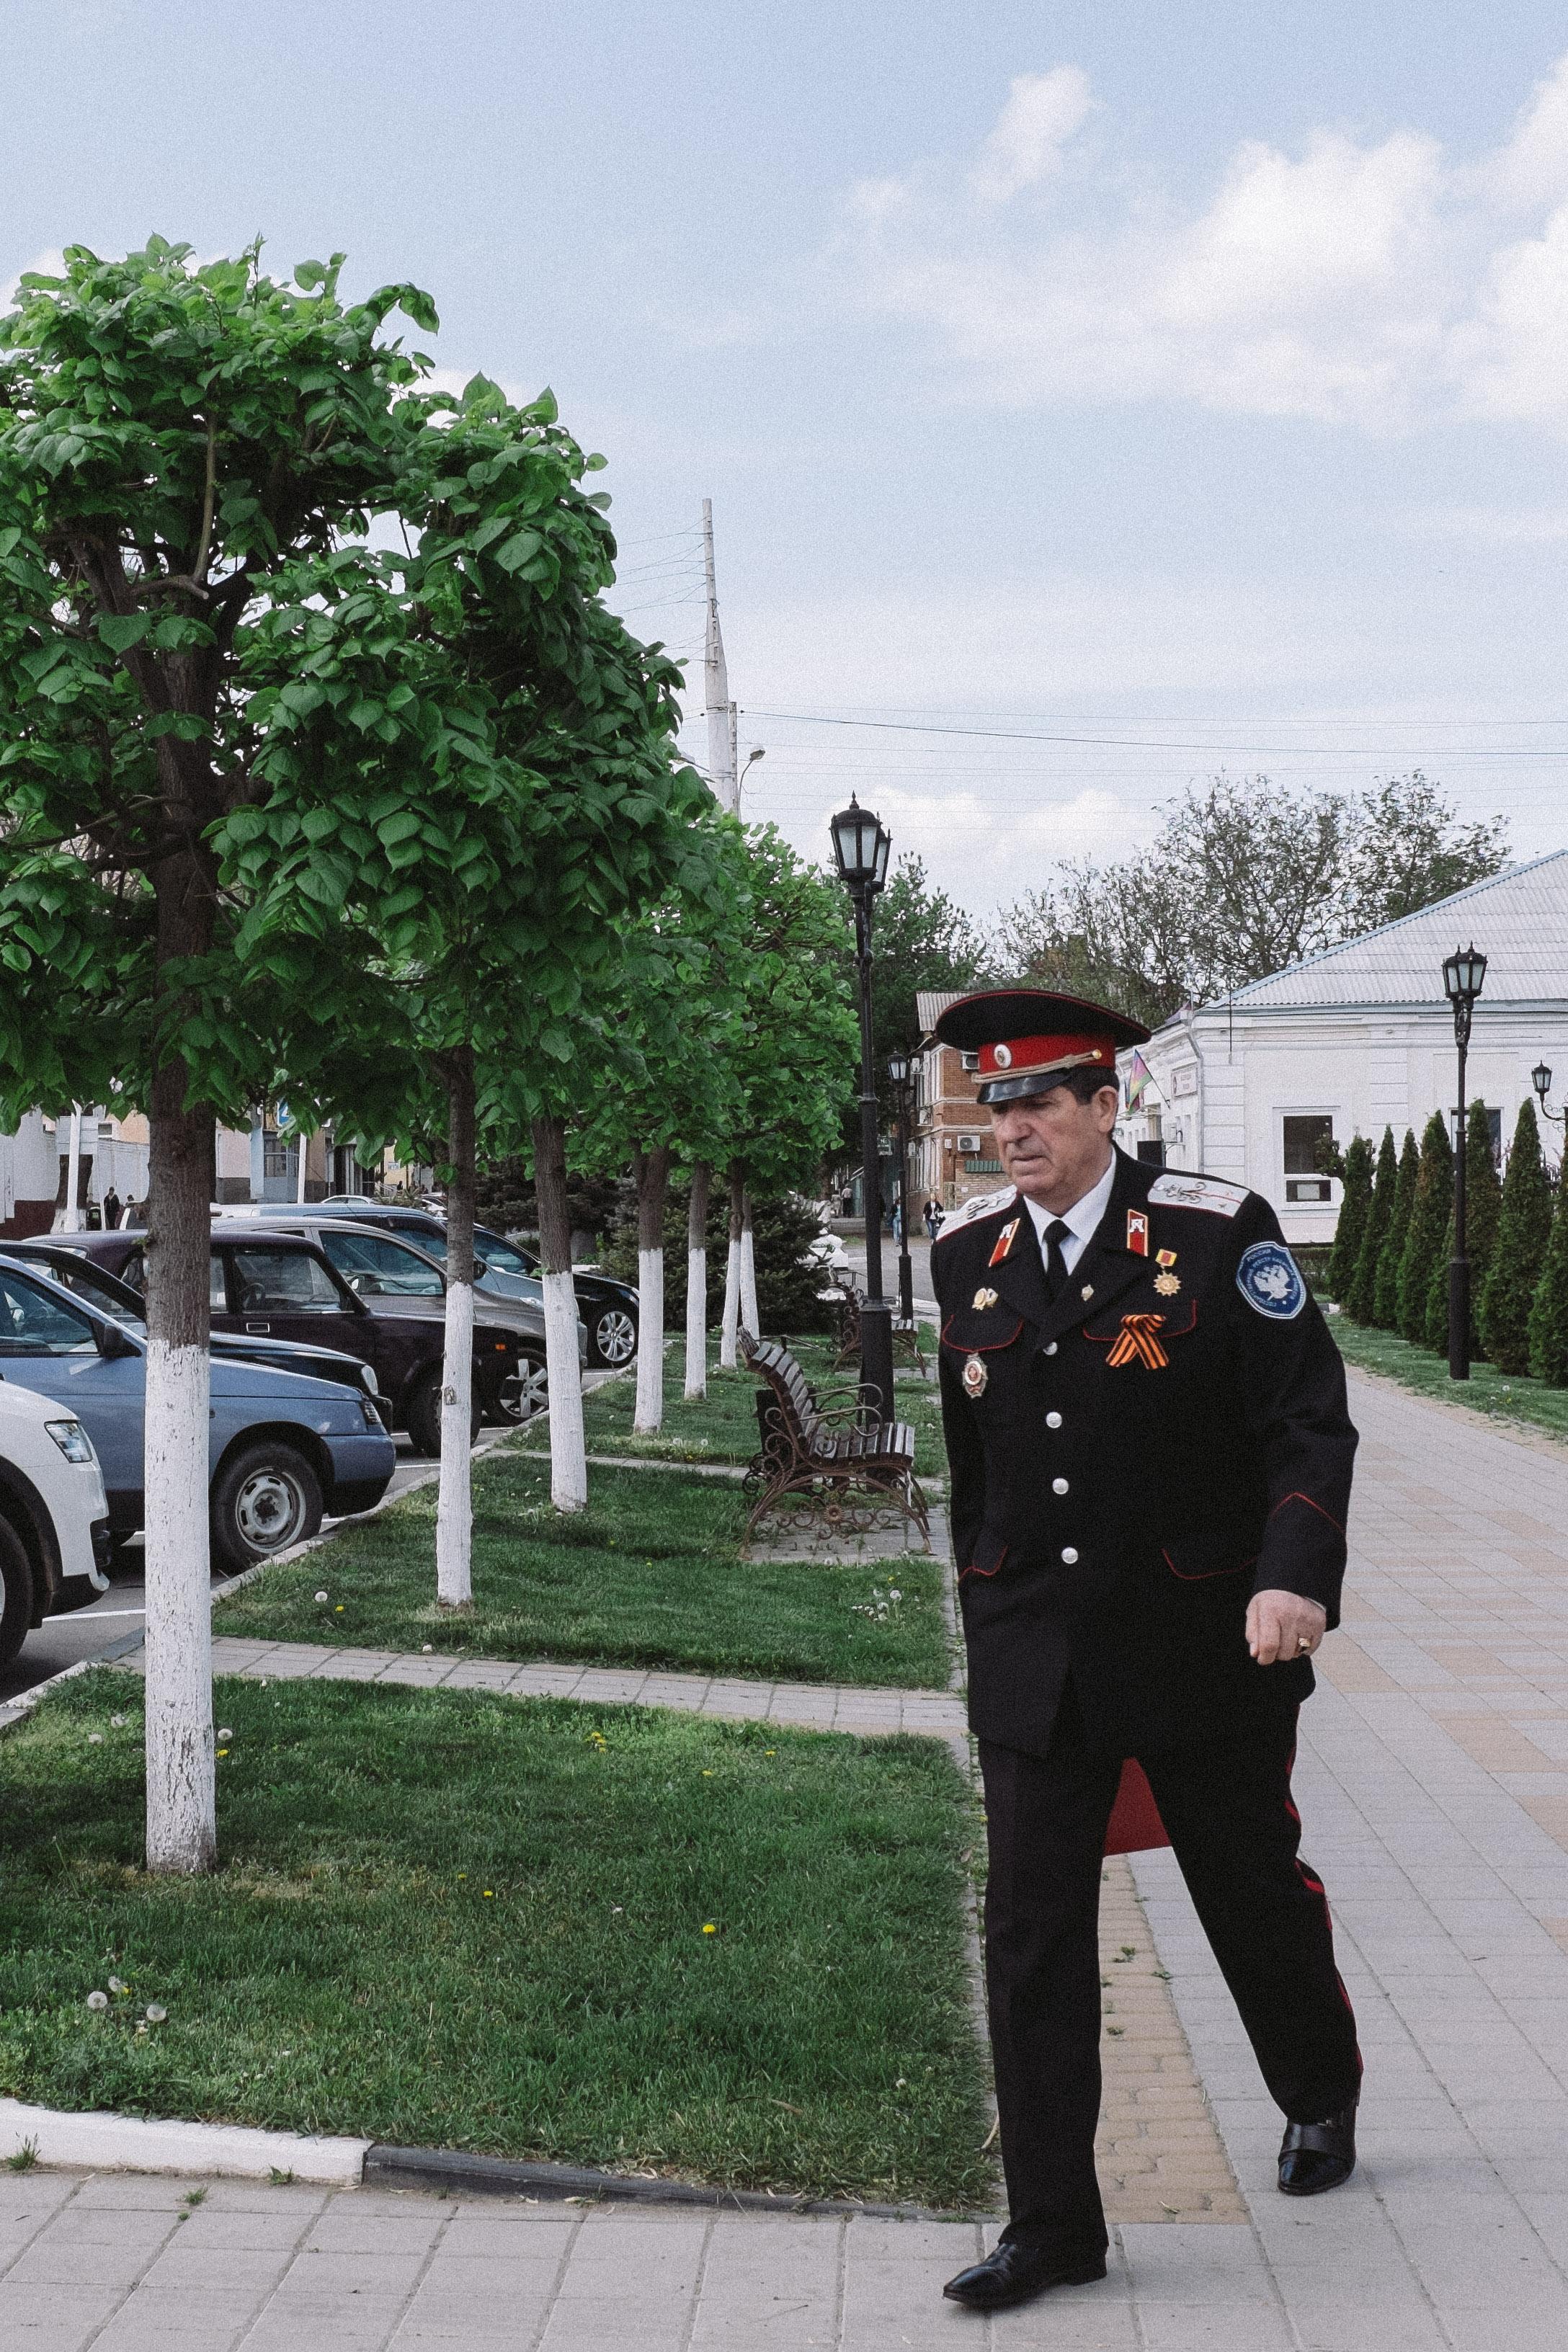 Les militaires sont plus que jamais fiers de porter leur uniforme et de représenter leur  engagement pour la patrie lors des défilés organisés partout dans le pays à l'occasion des 70 ans de la Victoire russe sur l'Allemagne nazie.